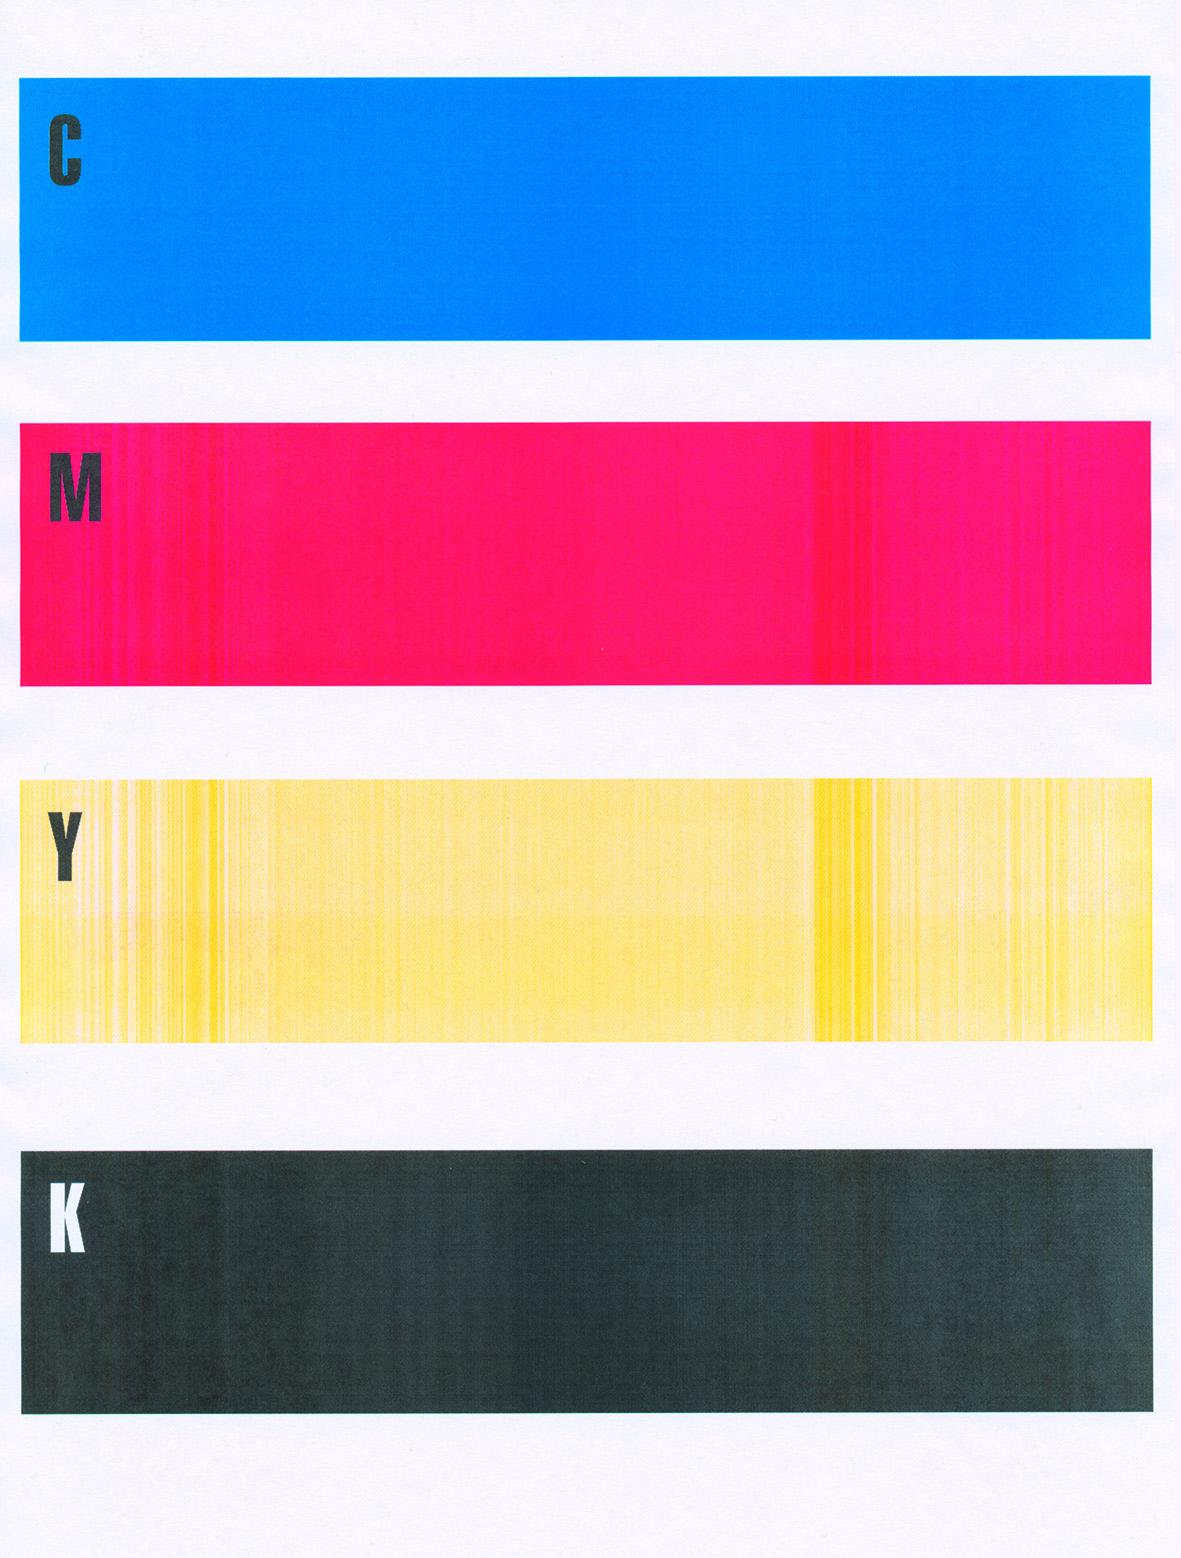 Hallo, bei meinem OKI 5650 werden bei Gelb nur Streifen gedruckt,